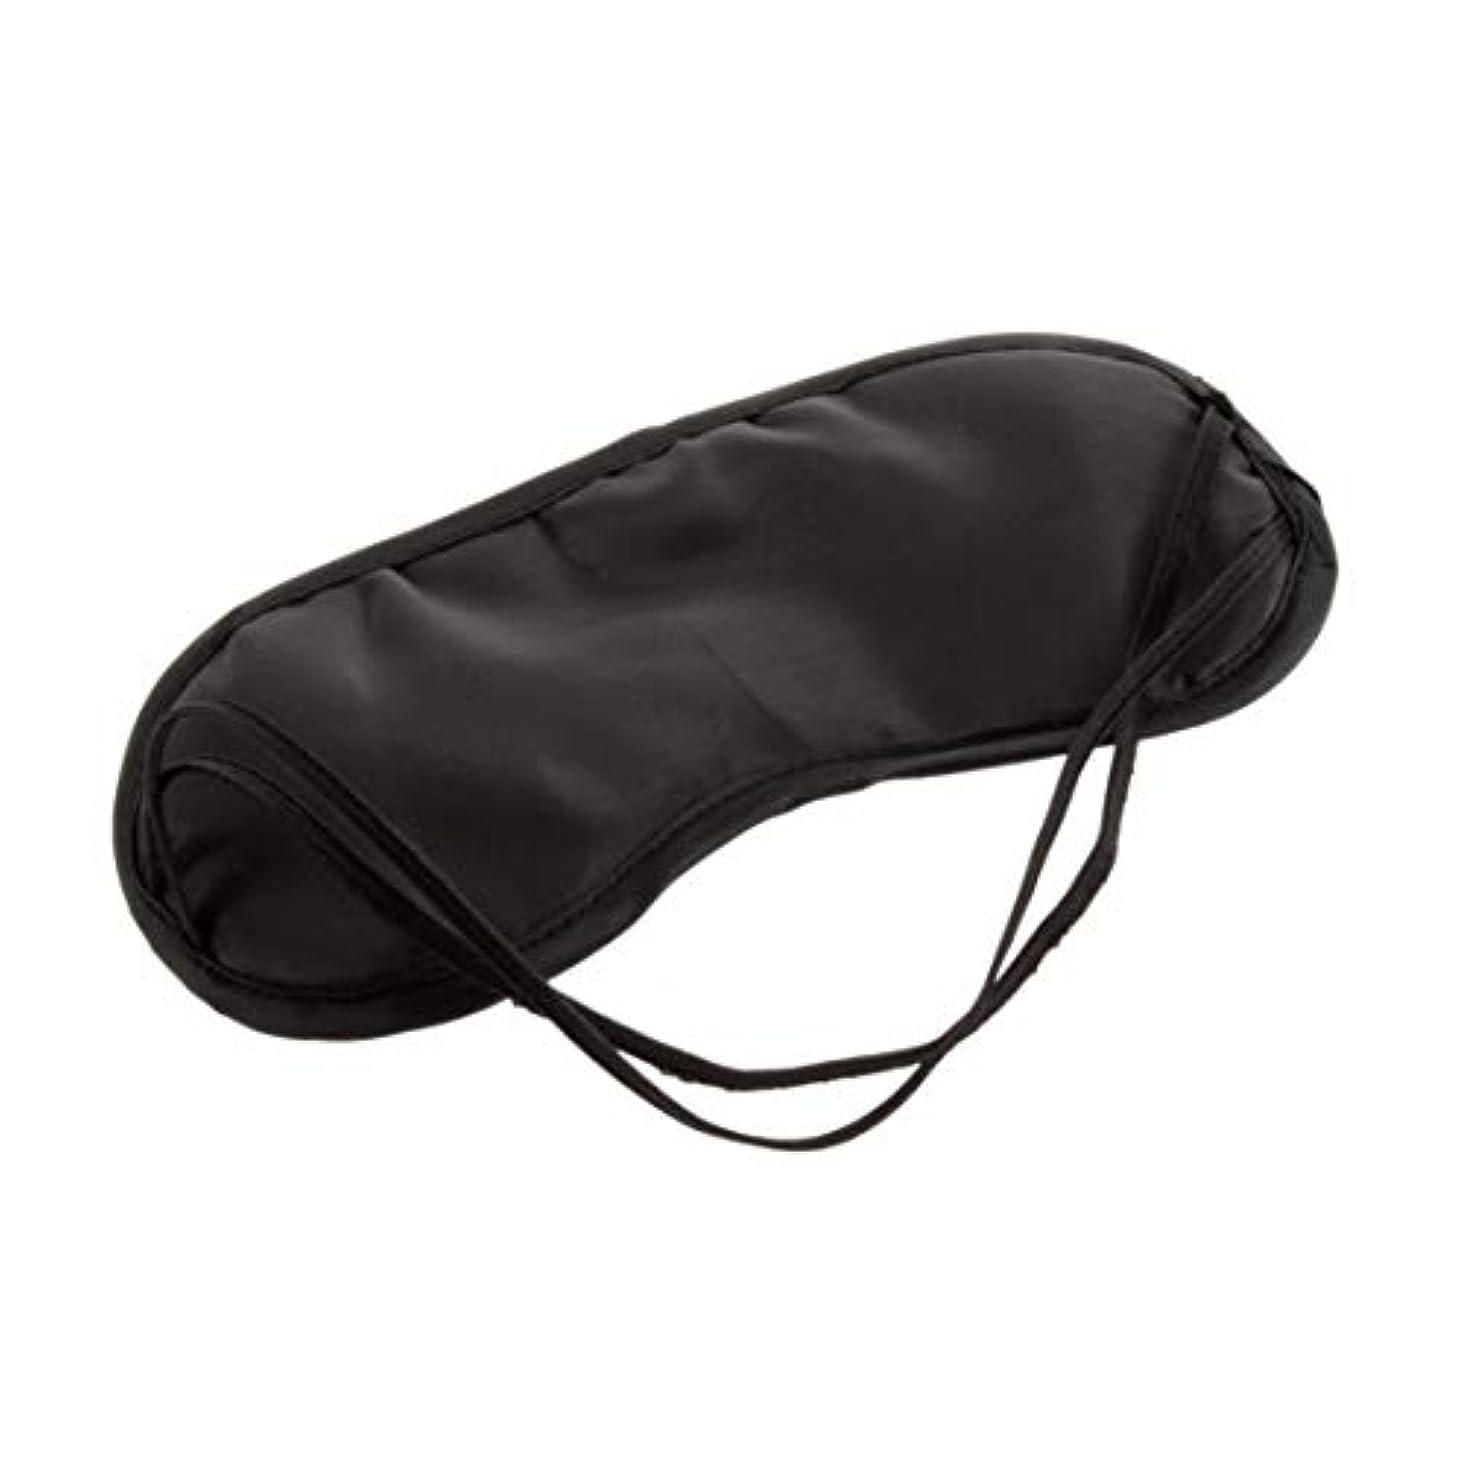 装置フルーティー大学快適な旅行のための快適なスリーピングマスクファッショナブルなメンズ女性の旅行スリープエイドアイマスクアイパッチ